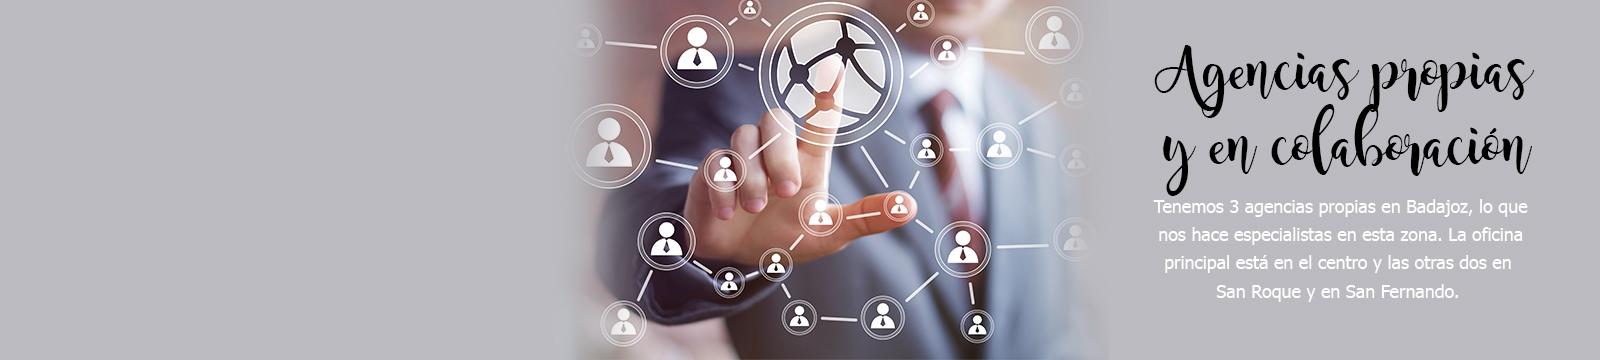 Agencias propias y en colaboración